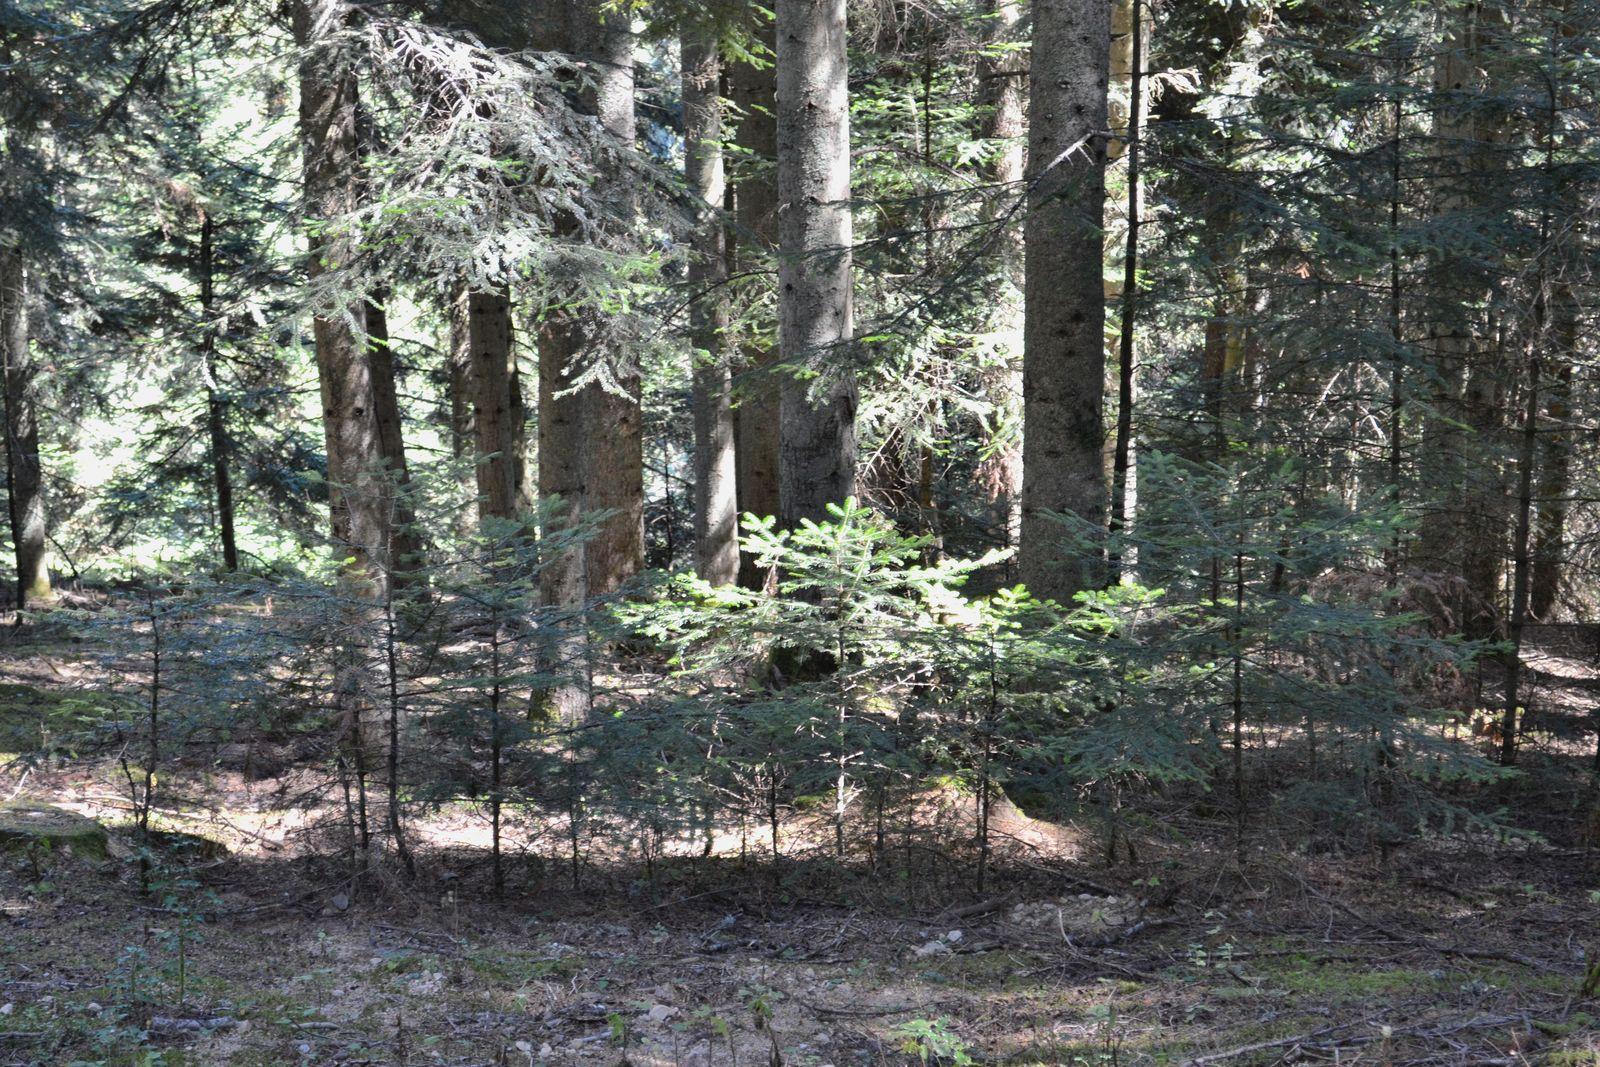 Petite balade sportive dans la forêt de Taillard!